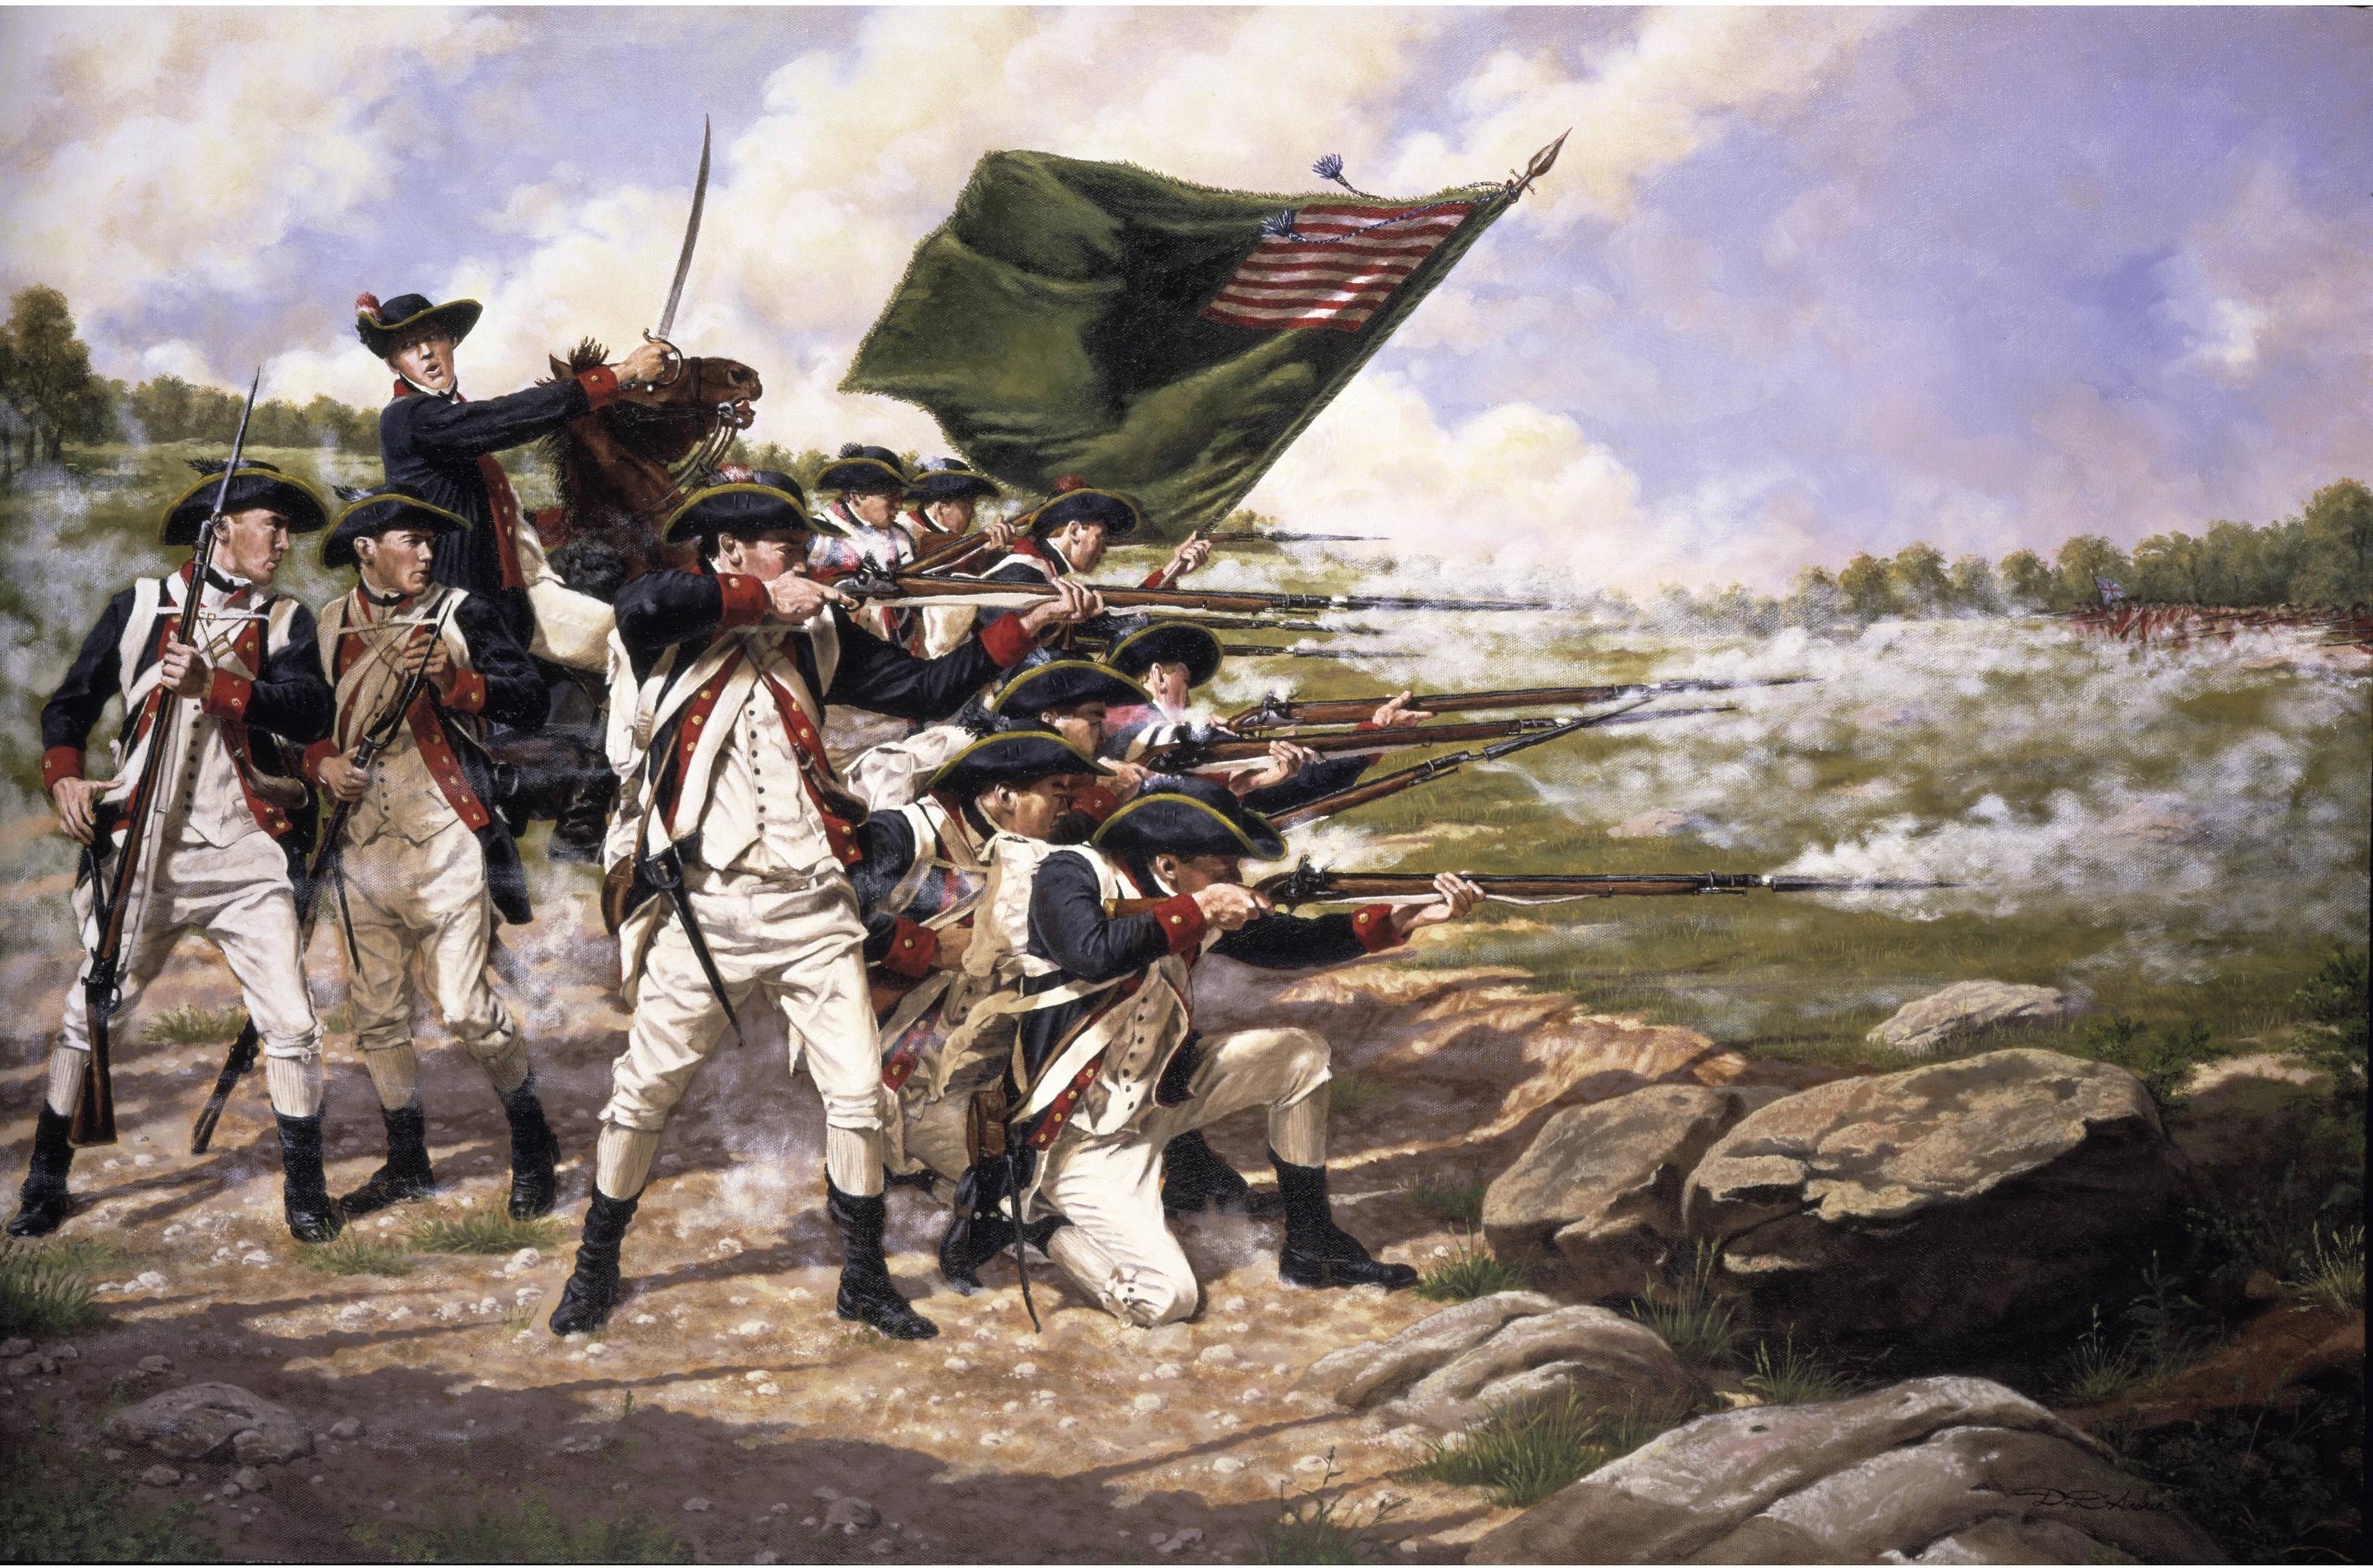 Revolutionary War Wallpapers